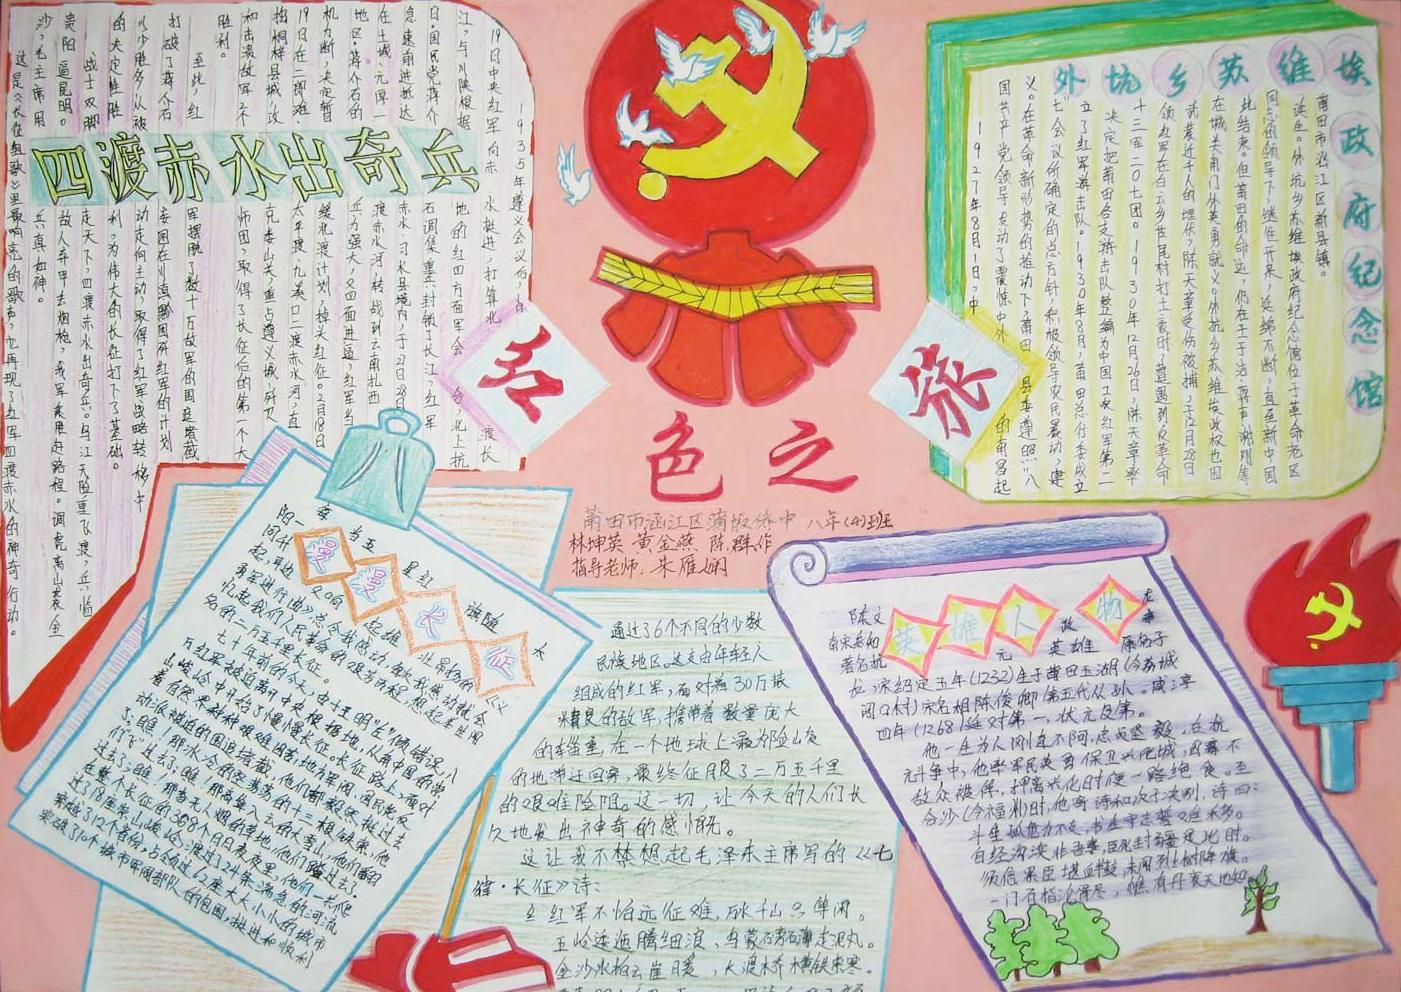 关于革命传统教育的手抄报内容怎么写啊,,急!图片